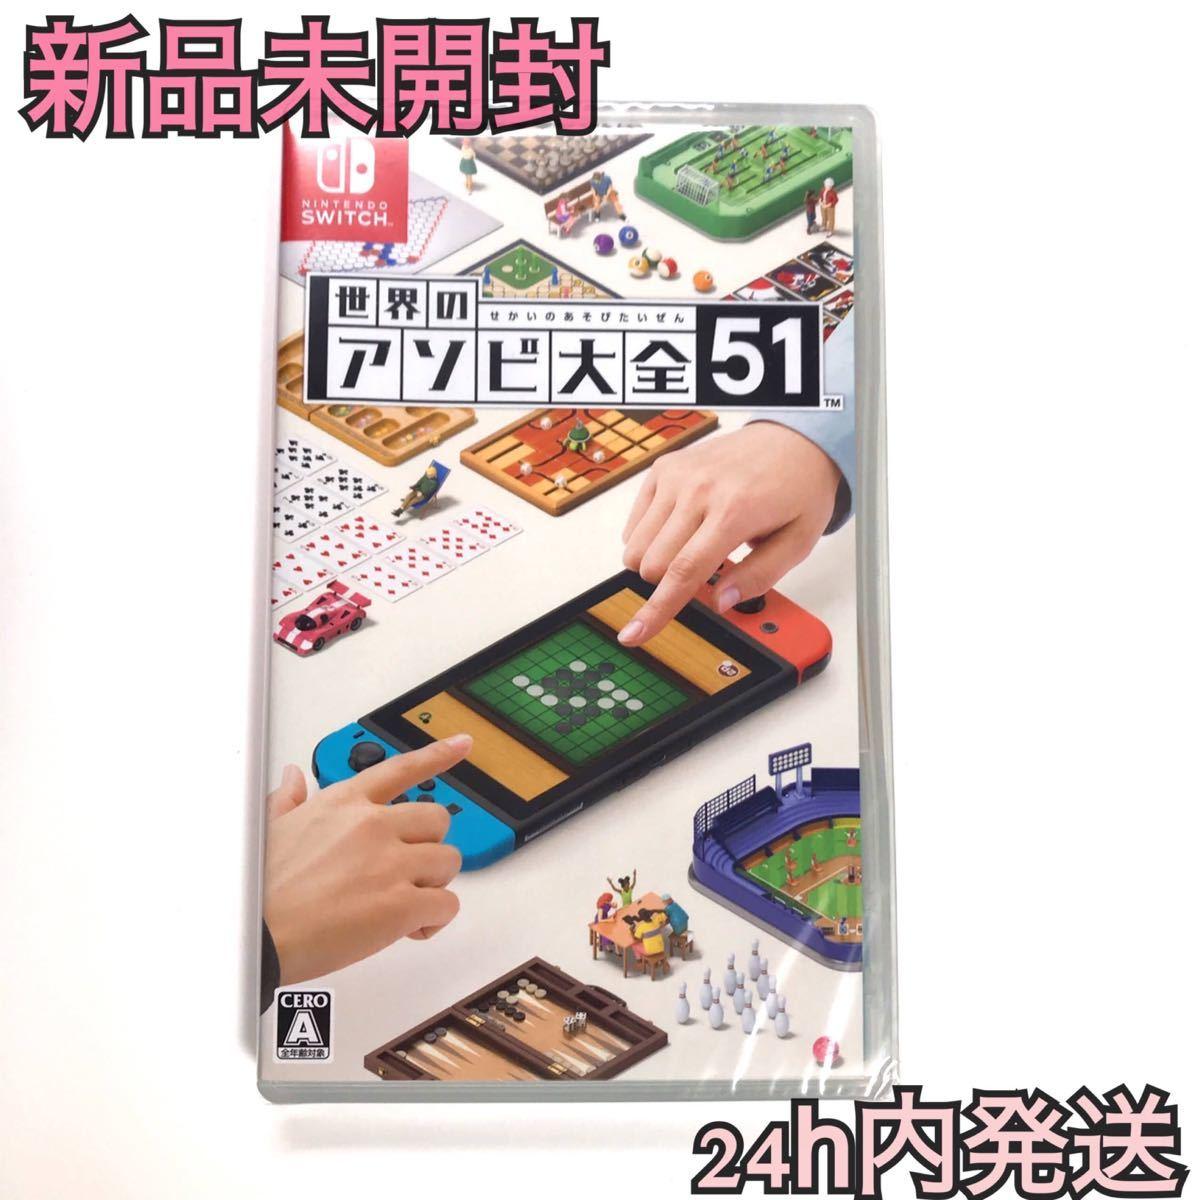 【新品未開封】世界の遊び大全 パッケージ版 ソフト スイッチ